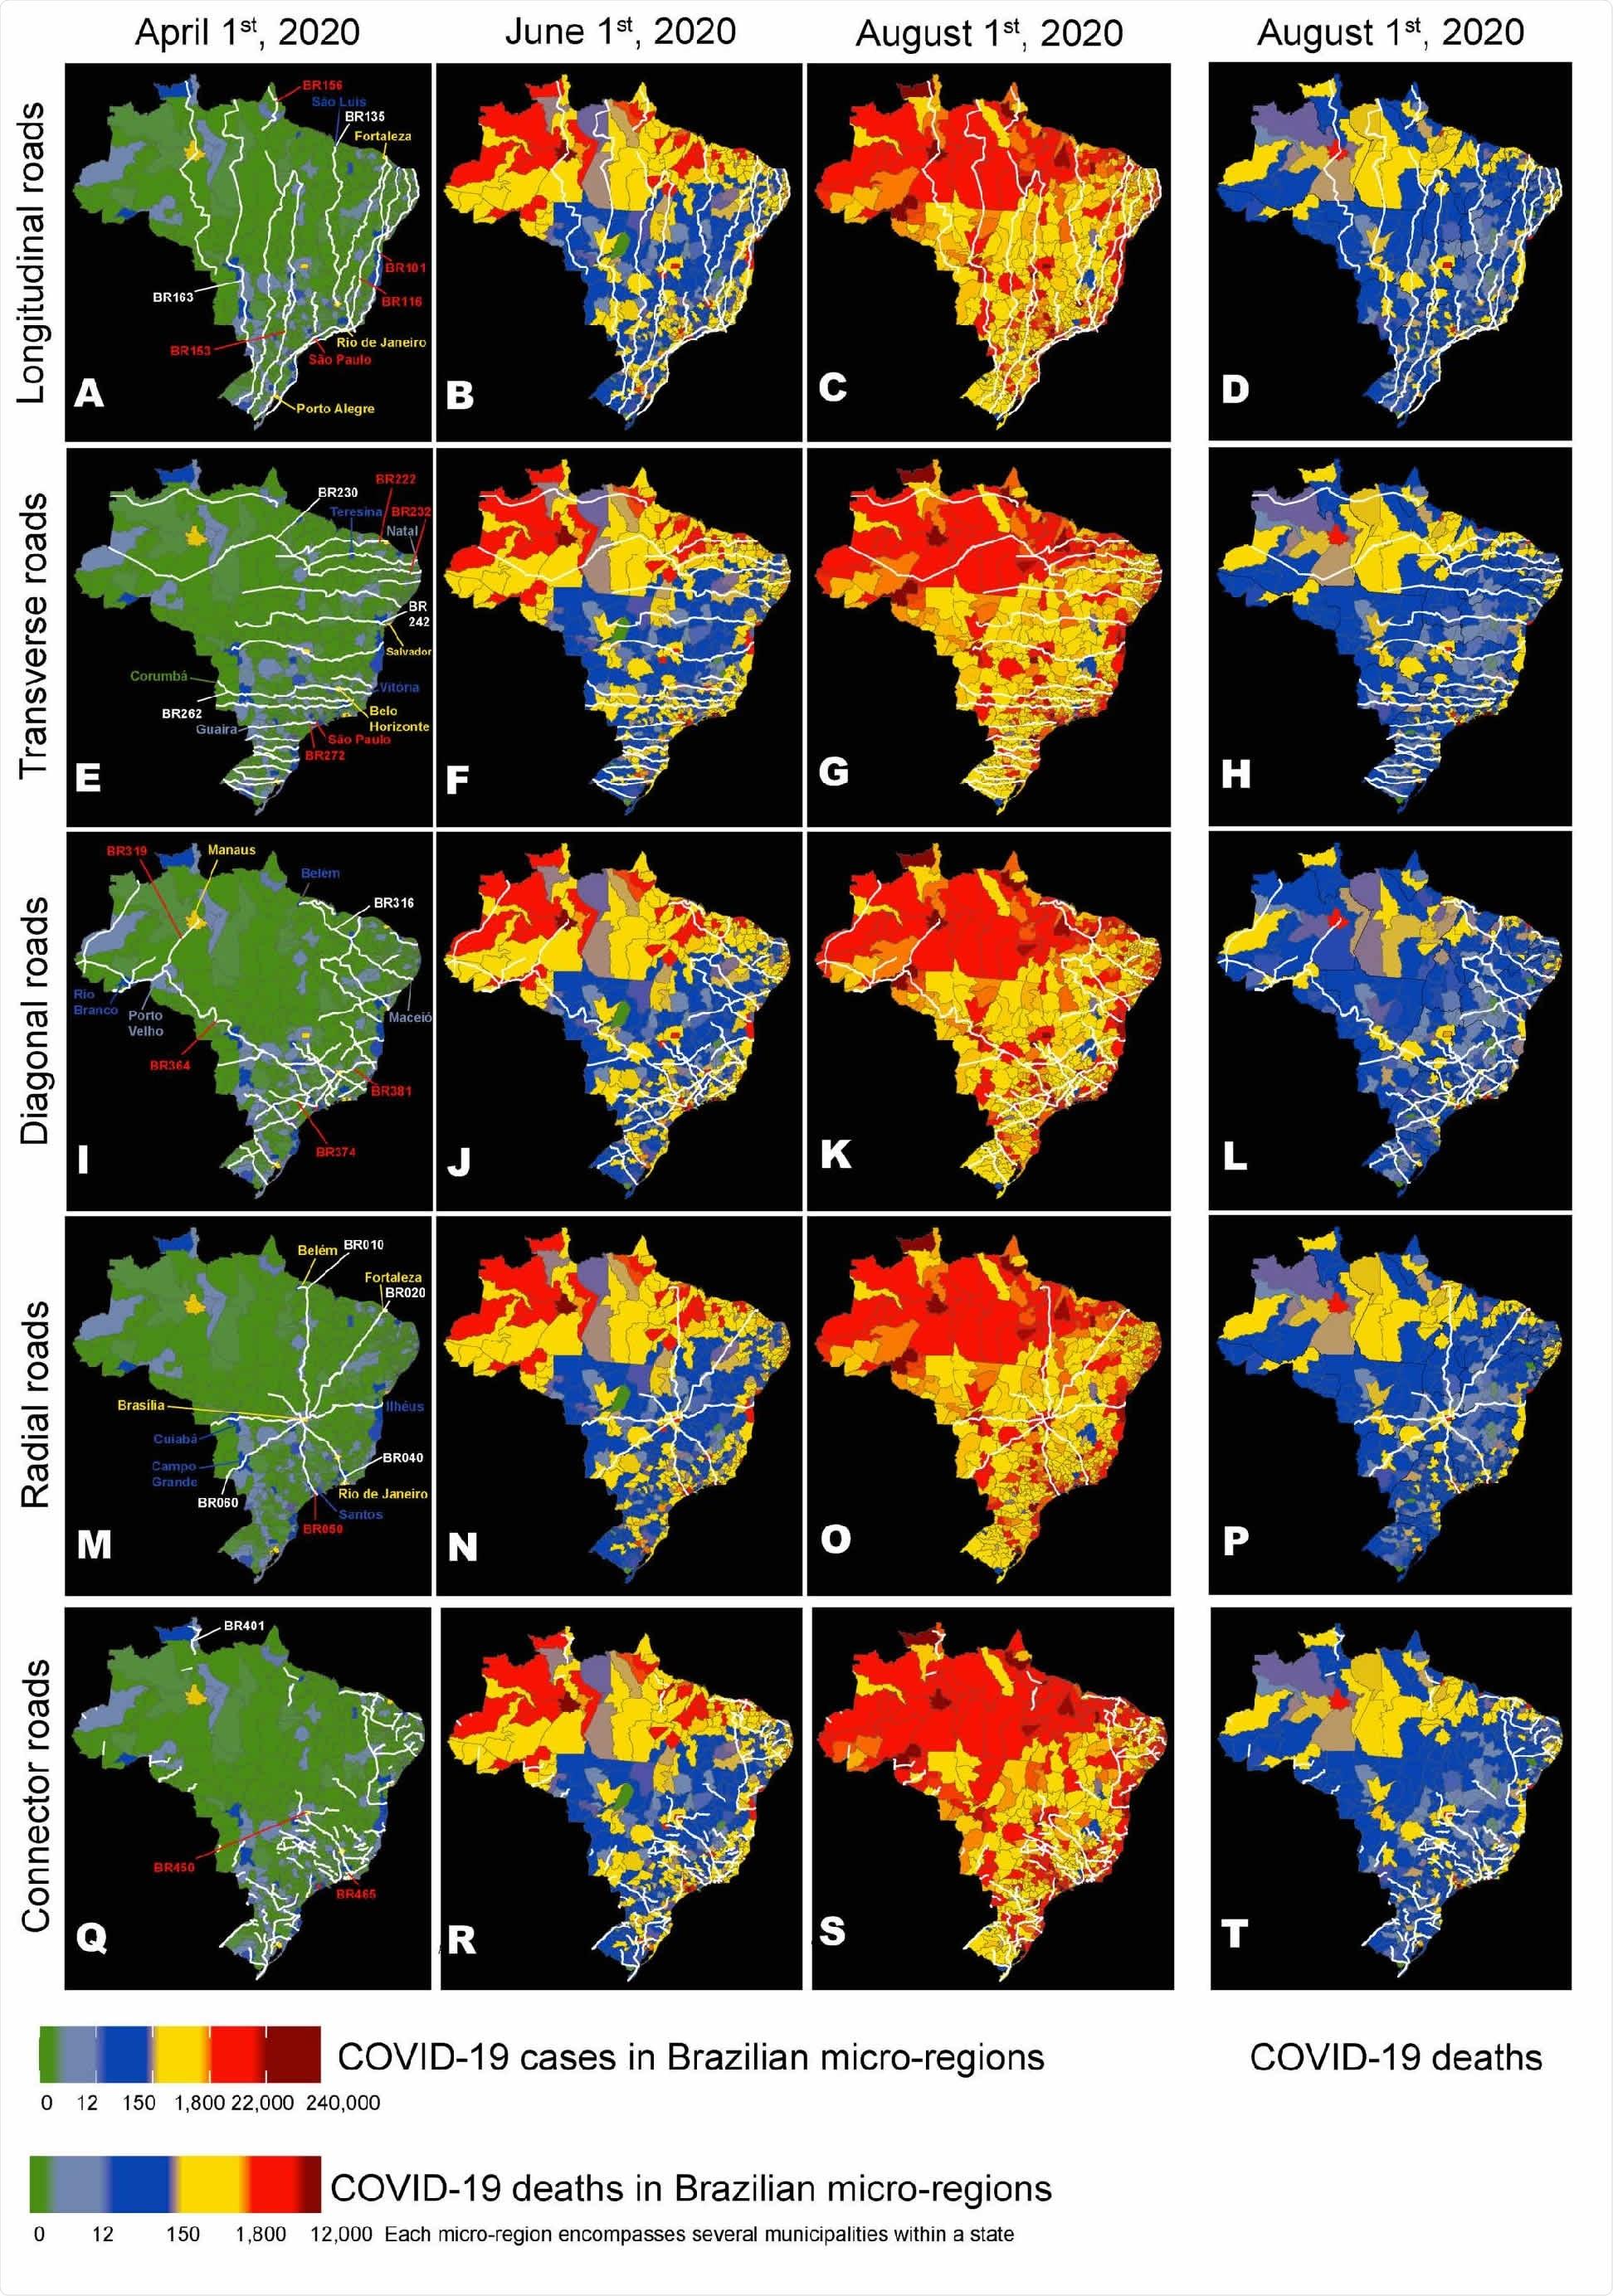 Os mapas de Brasil foram usados para representar as rotas do longitudinal principal (ANÚNCIO), transversal (e H), diagonal (IL), radial (M.P.), e estradas federais do conector (quarto), assim como a evolução da distribuição geográfica dos casos COVID-19 em três tâmaras (1º de abril, o 1º de junho, e 1º de agosto), e da distribuição COVID-19 das mortes o 1º de agosto (d). Total, um grupo de 26 estradas (veja o texto) de todas as cinco categorias da estrada contribuiu a aproximadamente 30% do caso COVID-19 que espalha durante todo Brasil. Os números de algumas destas estradas de espalhamento são destacados no vermelho. Observe quantos pontos quentes (cor vermelha) para os casos COVID-19 ocorra nas micro-regiões que contêm as cidades que são ficadas situadas ao longo das rotas da estrada principal como BRs 101, 116, 222, 232, 236, 272, 364, 374, 381, 010, 050, 060, 450, e 465. Embora as distribuições para os casos COVID-19 e as mortes sejam correlacionadas, as discrepâncias geográficas entre as duas distribuições podem claramente ser consideradas comparando as o 1º de agosto (C e D). Um código de cor (veja a figura parte inferior) classifica micro-regiões brasileiras (cada inclusão de diversos reboques) de acordo com seu número dos casos COVID-19 e das mortes.